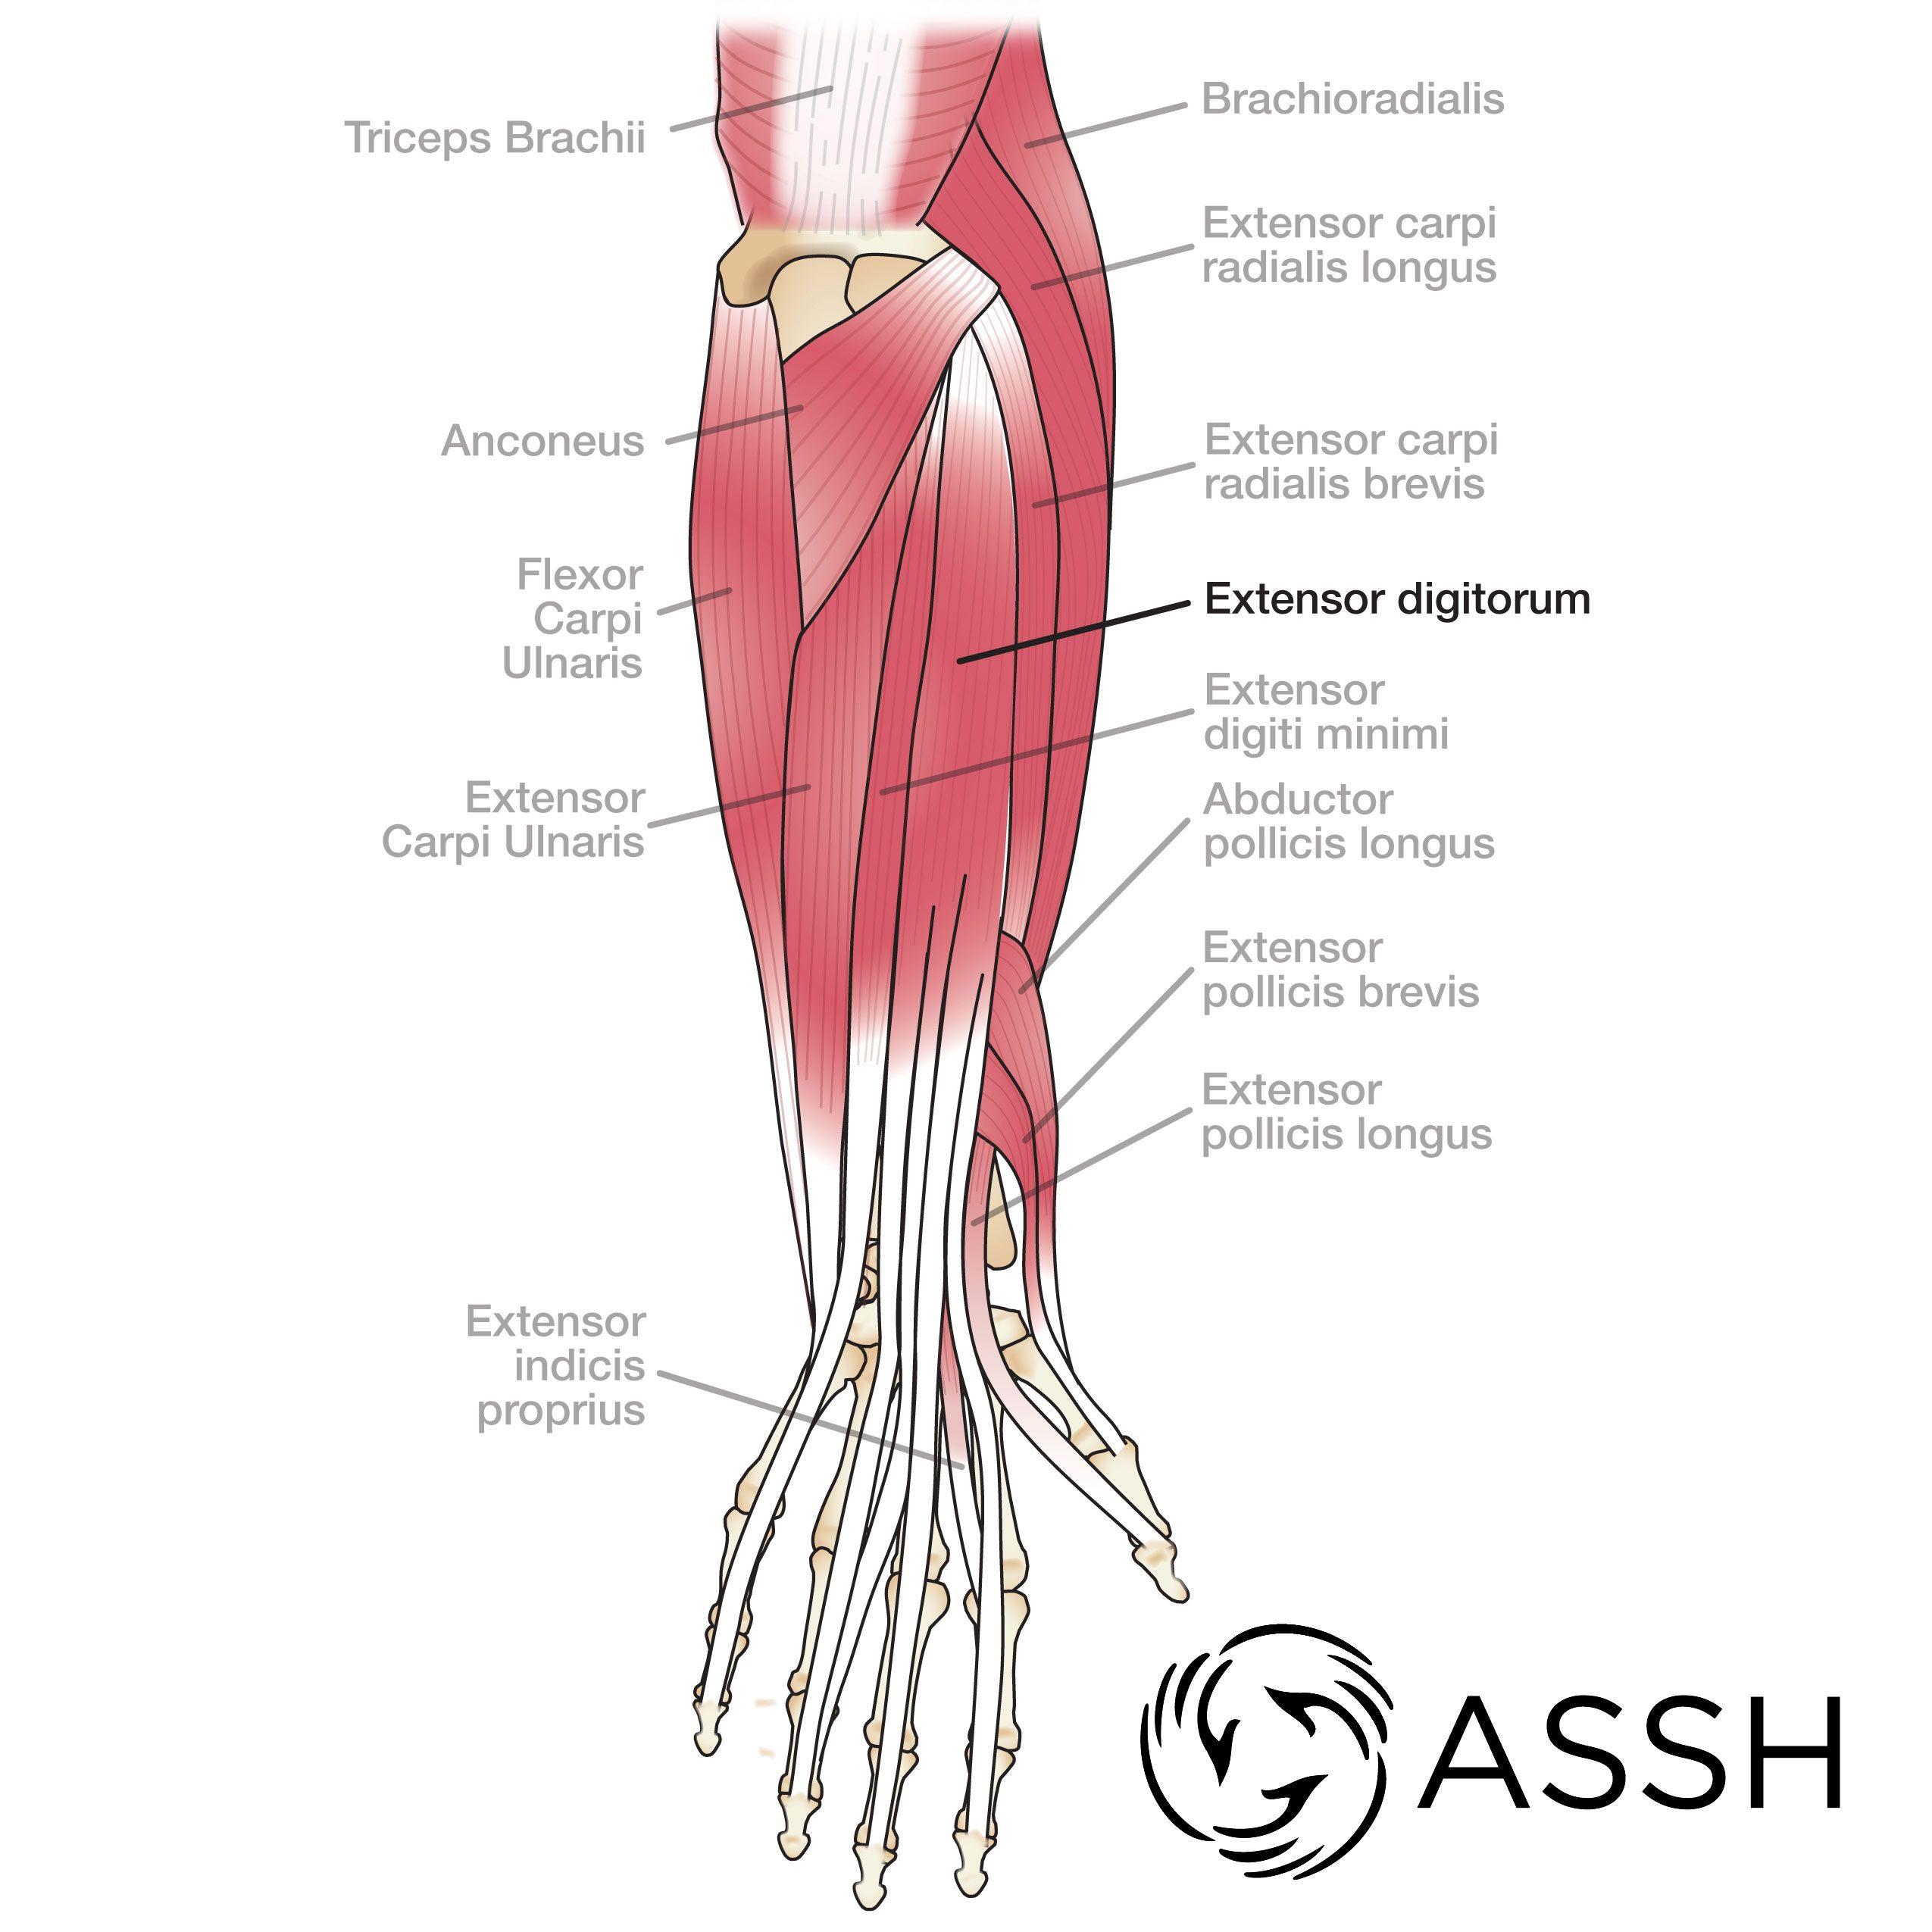 Ungewöhnlich Druckstellen Anatomie Ideen - Menschliche Anatomie ...